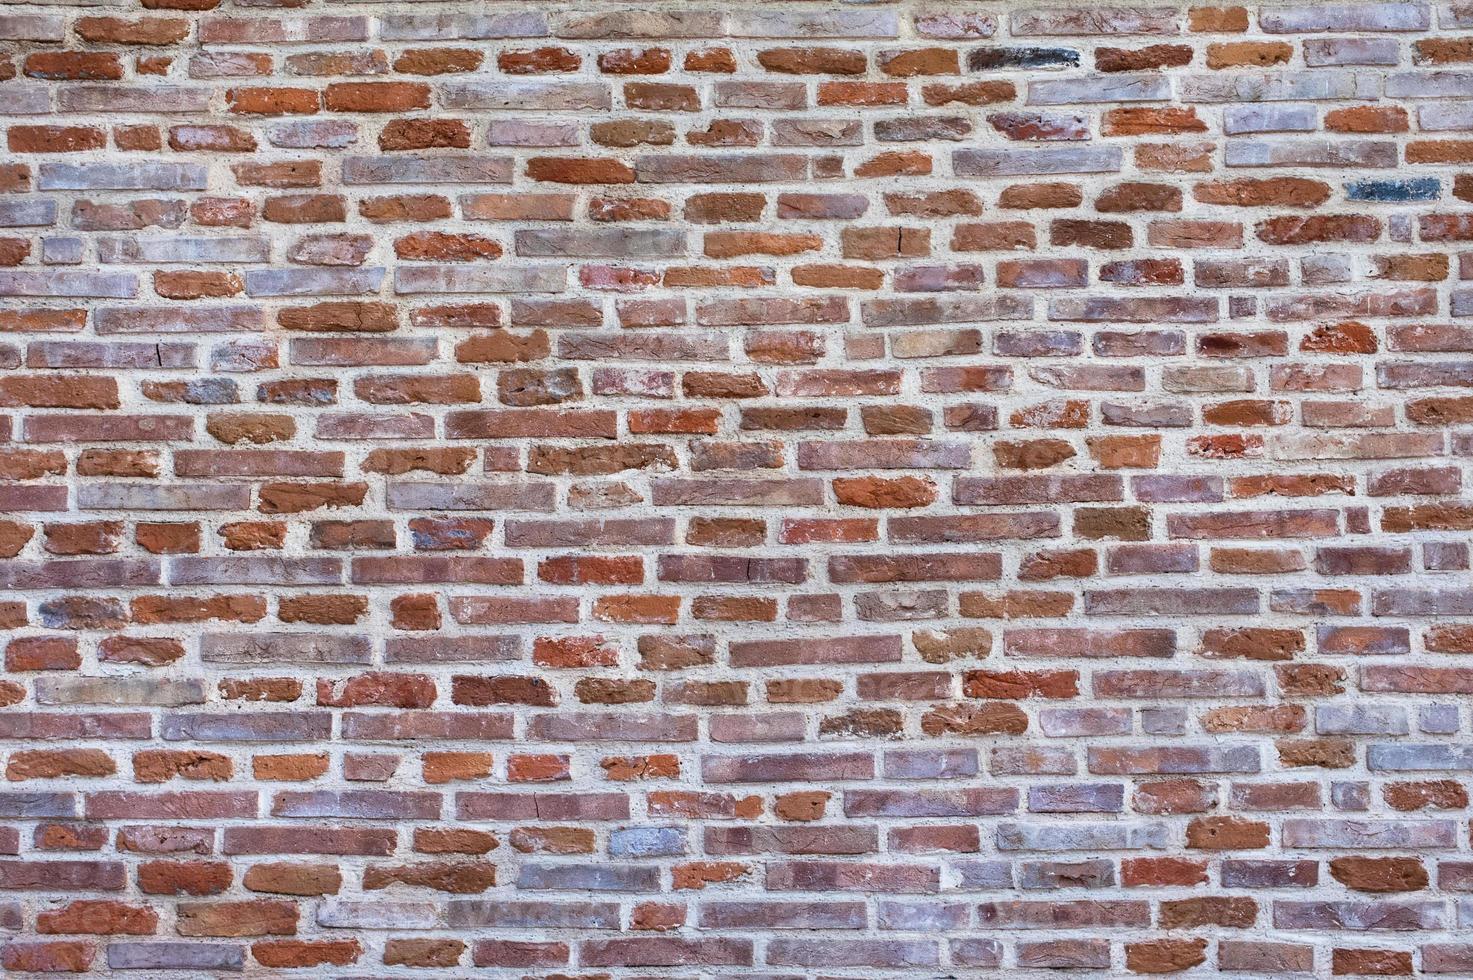 Fondo de pared de ladrillo. foto